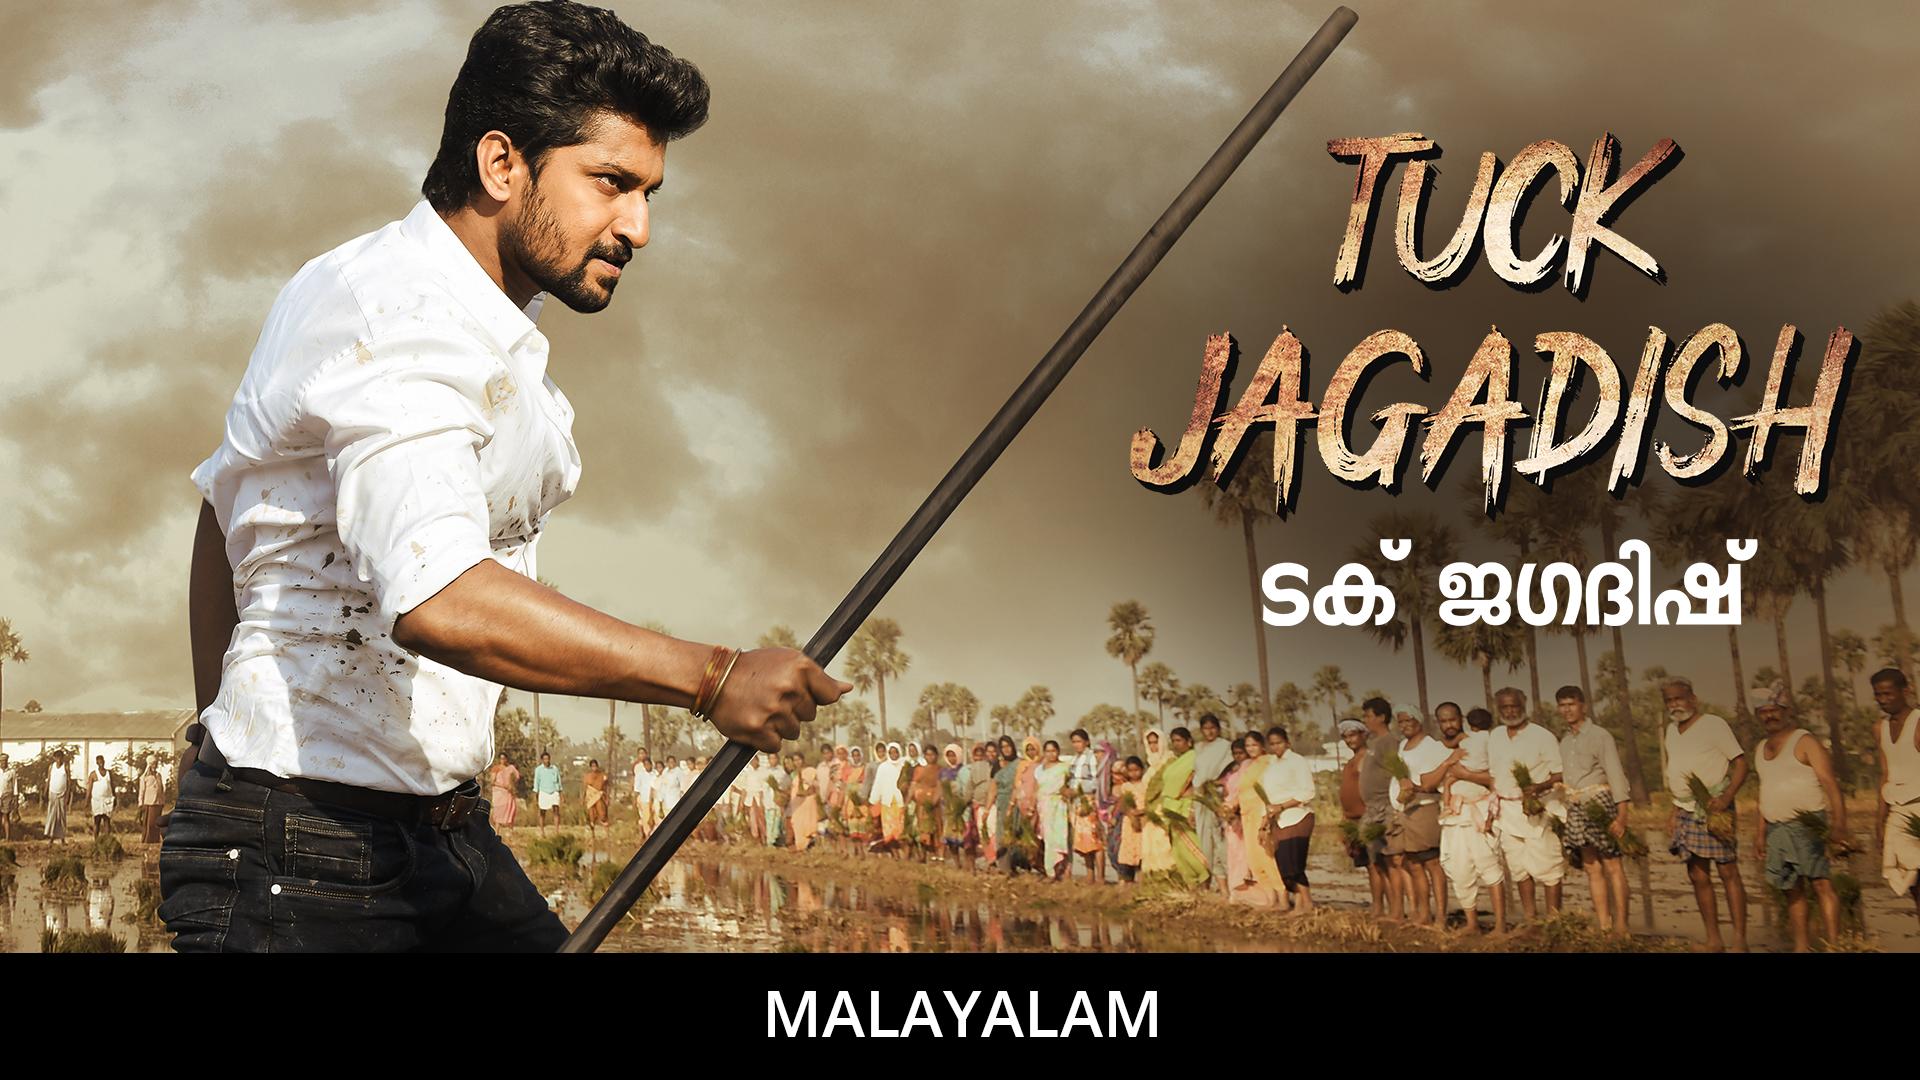 Tuck Jagadish (Malayalam)